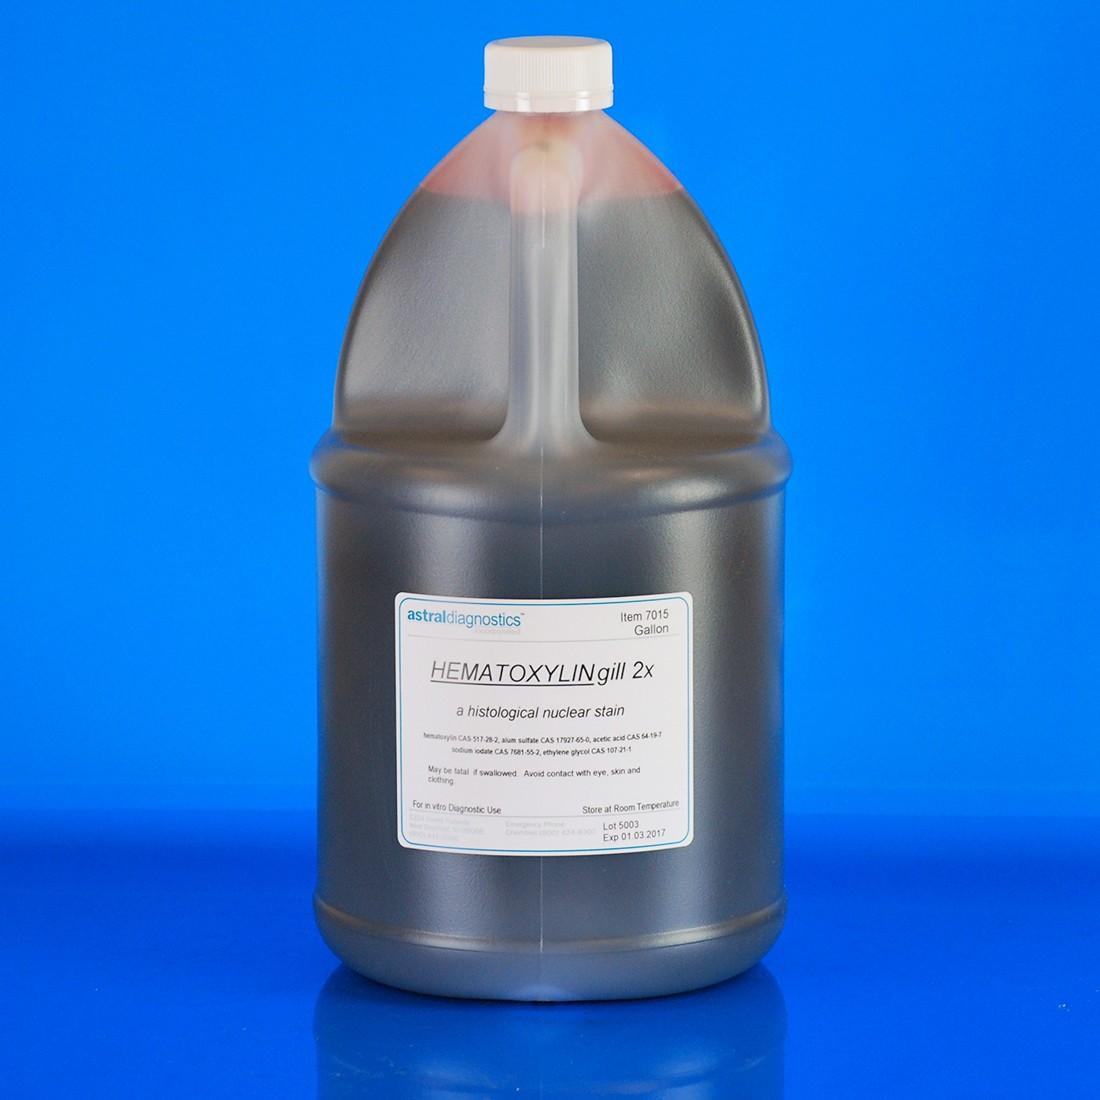 Hematoxylin Gill 2X | Polysciences, Inc.